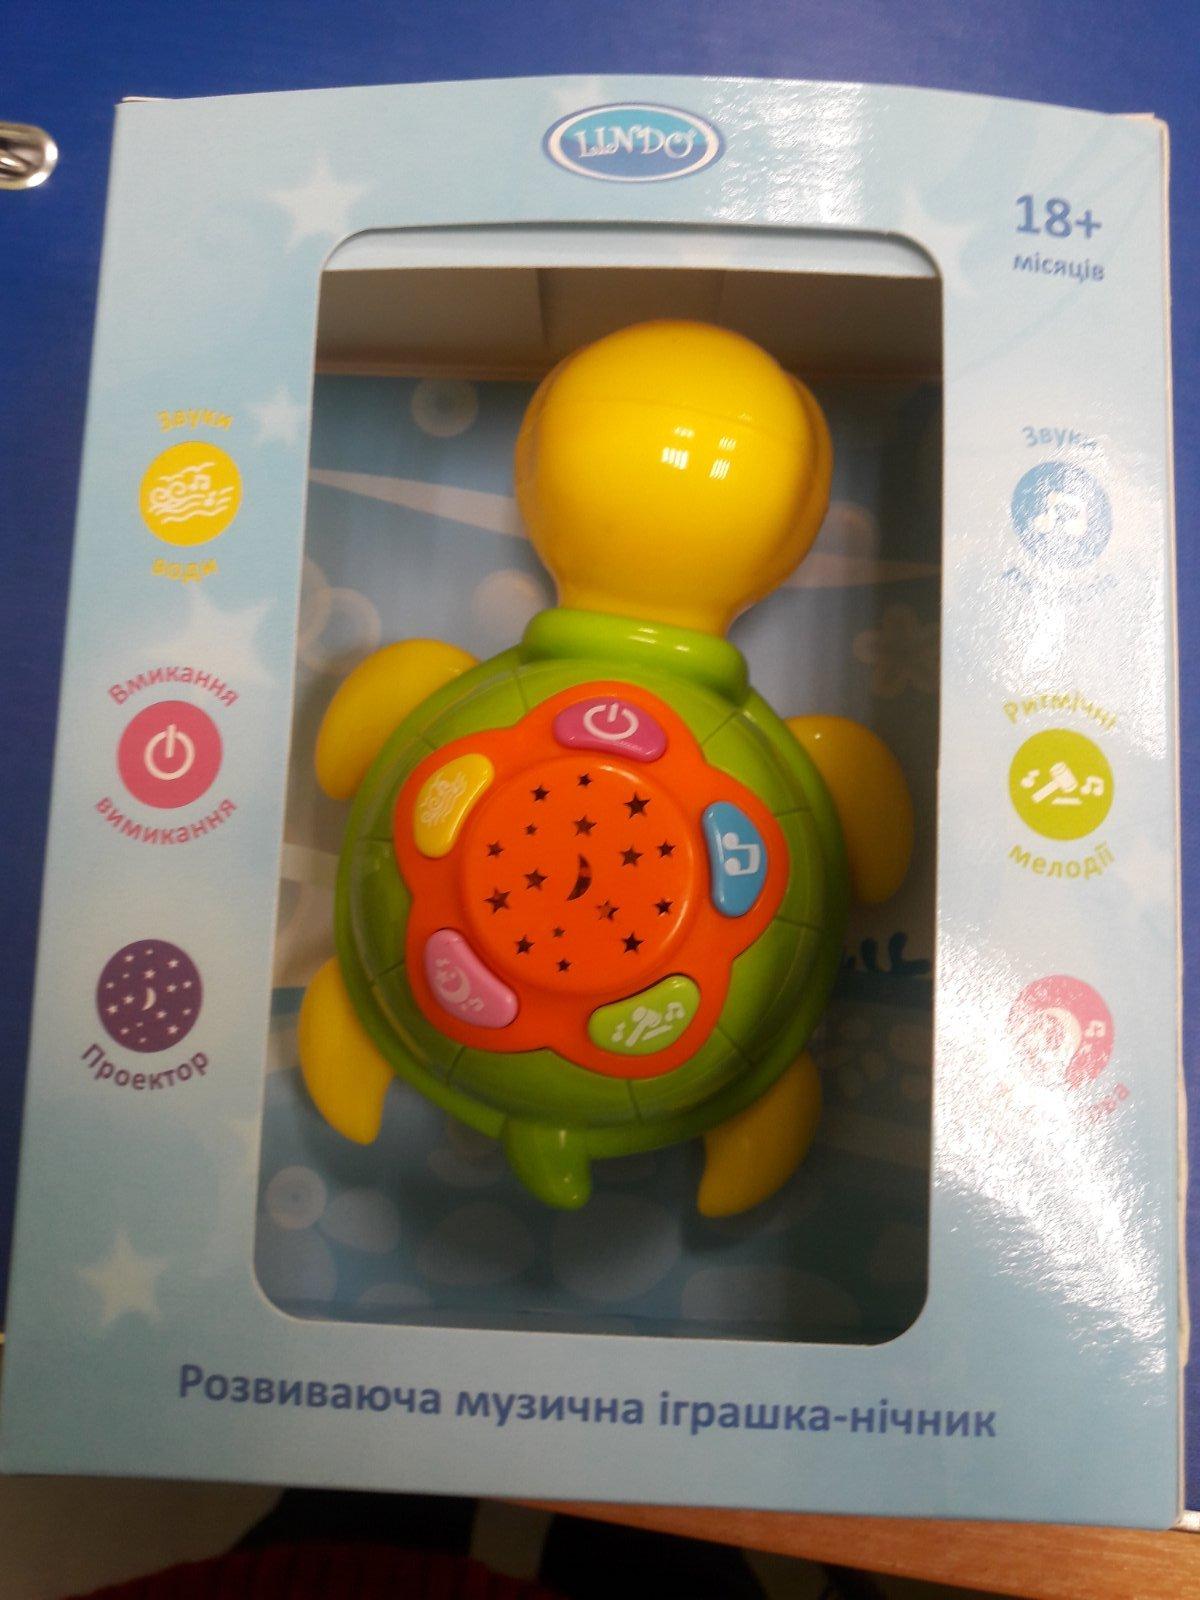 У Рівненському магазині тимчасово заборонили продавати іграшку через невідповідності вимогам, фото-1